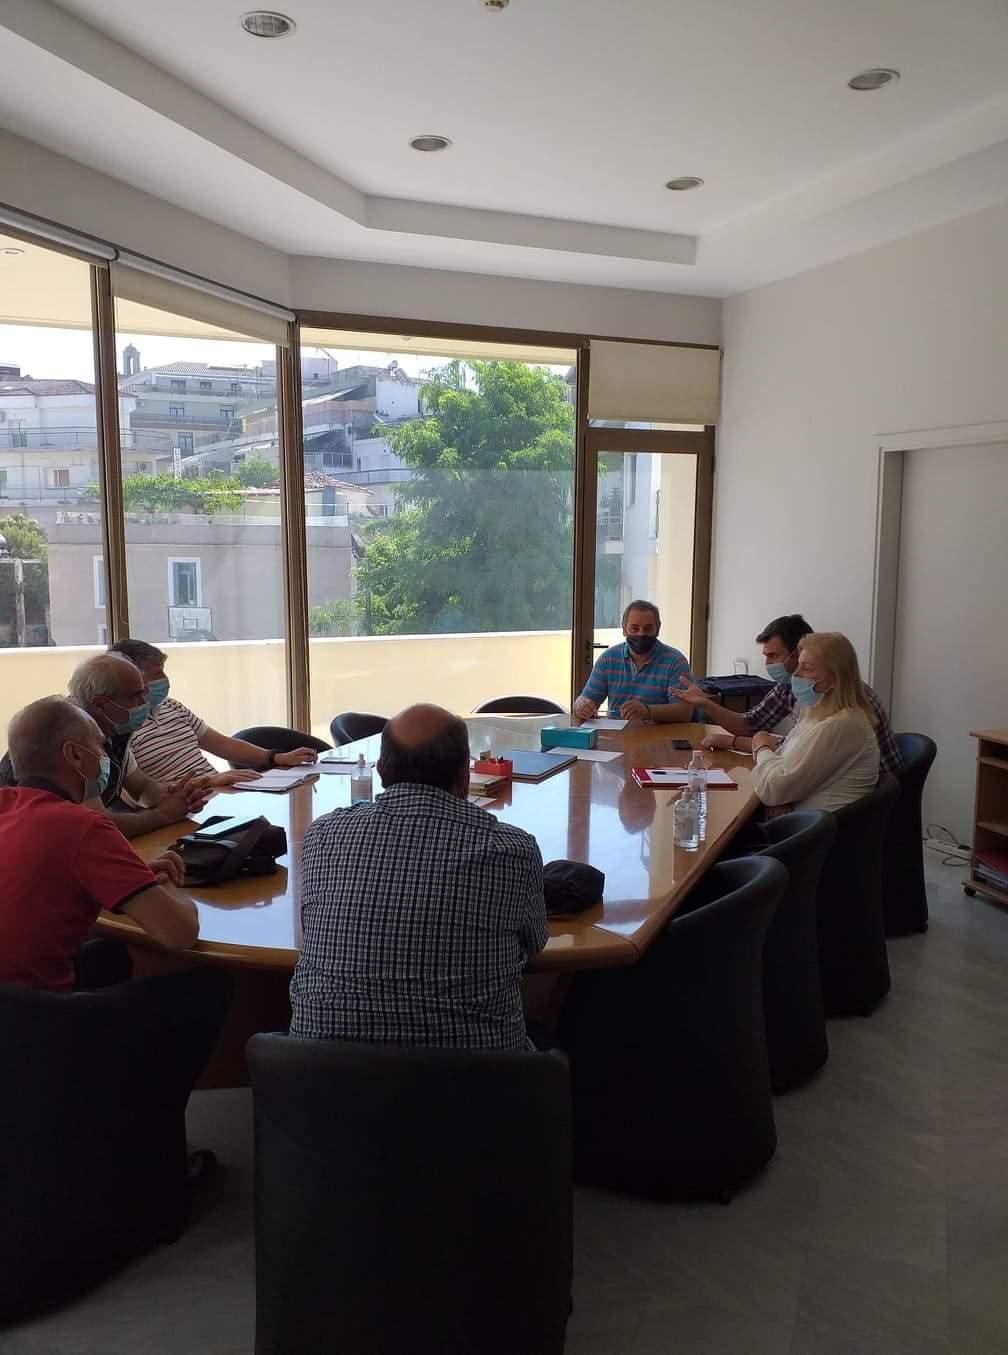 Συνάντηση του σωματείου εργαζομένων της ΔΕΥΑΚ με τη διοίκηση του ΤΕΕ/ΤΔΜ, προκειμένου να συζητηθούν ζητήματα που αφορούν στη διαδικασία της απολιγνιτοποίησης και στις επιπτώσεις που ενδέχεται να επιφέρει στη λειτουργία της Τηλεθέρμανσης της Κοζάνης.